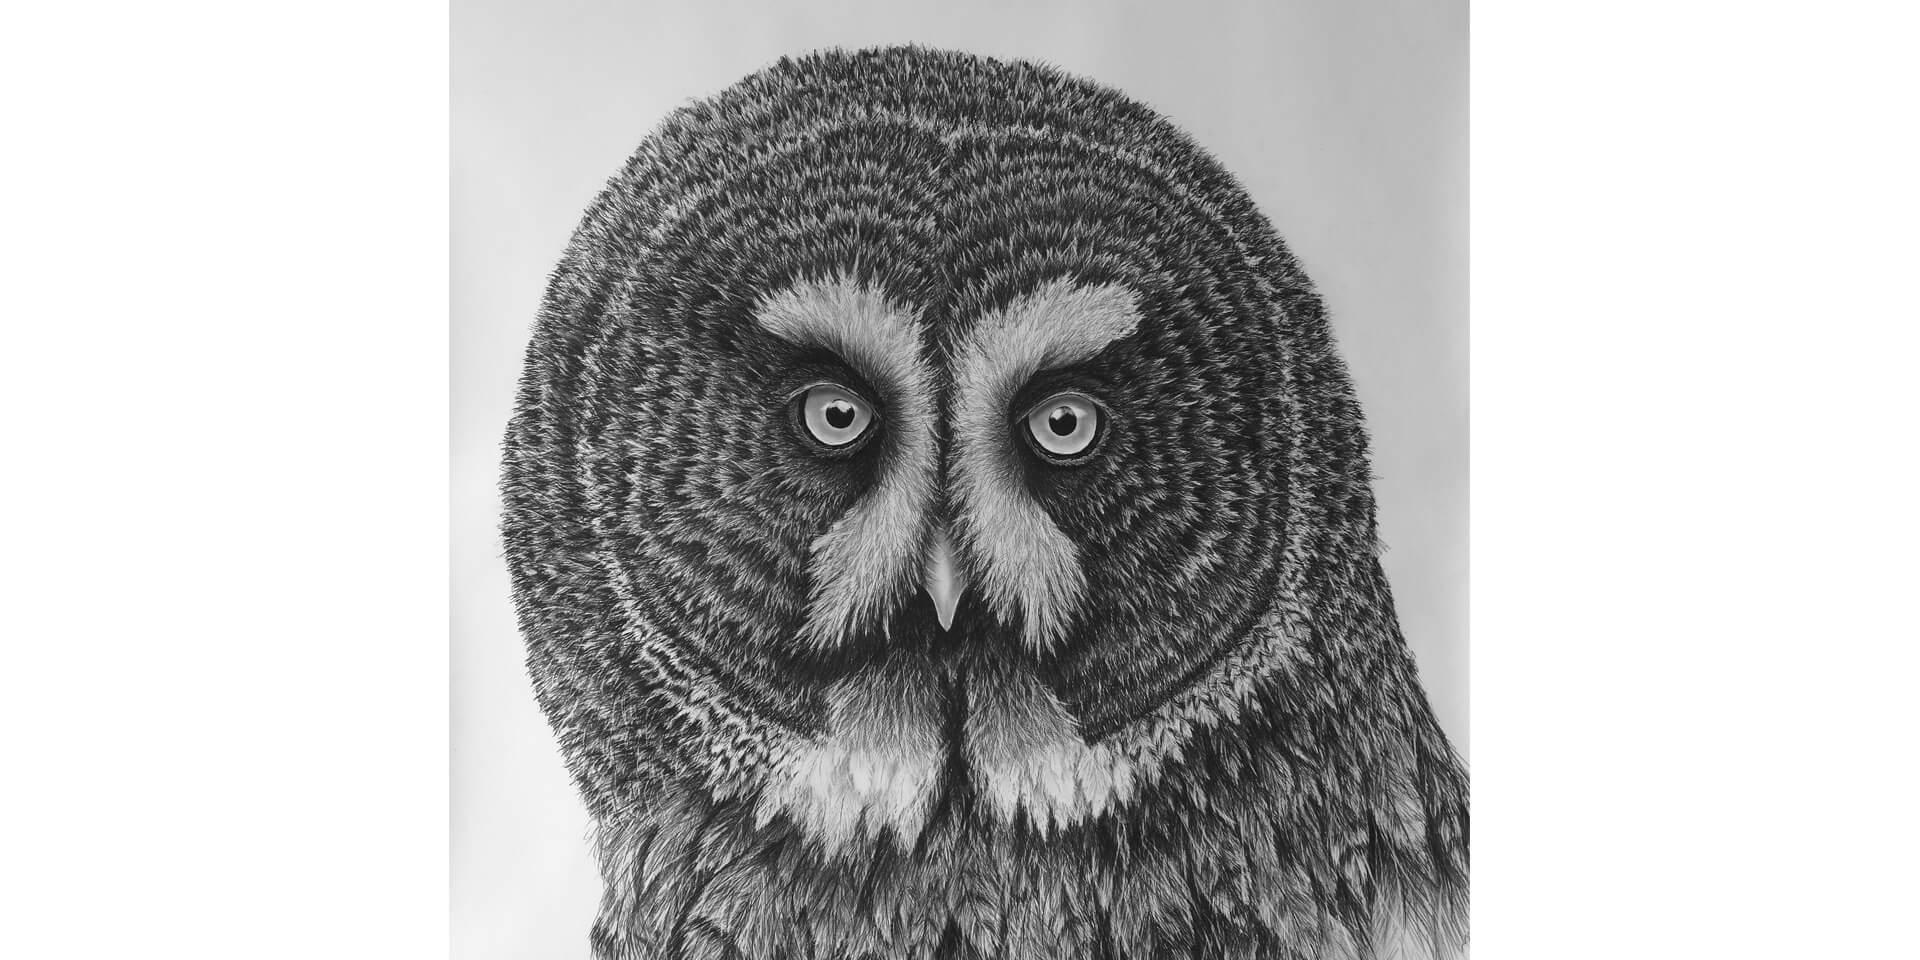 Spiegel, Bleistift, 90x110 cm, 2018